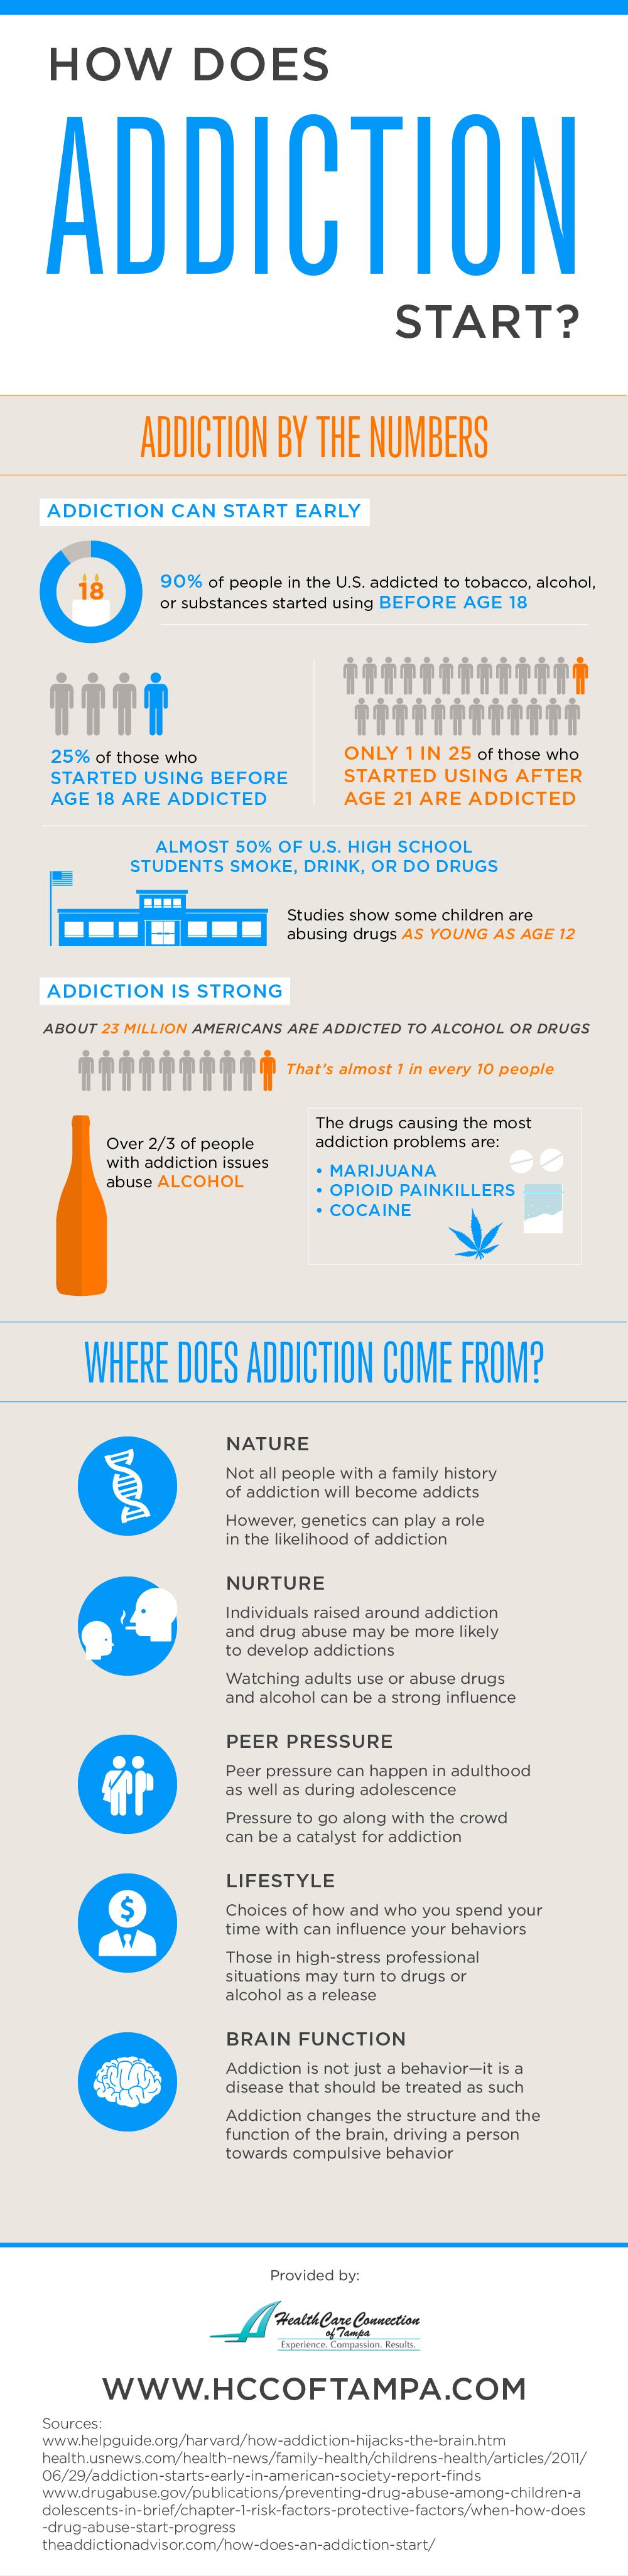 Understanding Addiction: How Does It Happen? Infographic